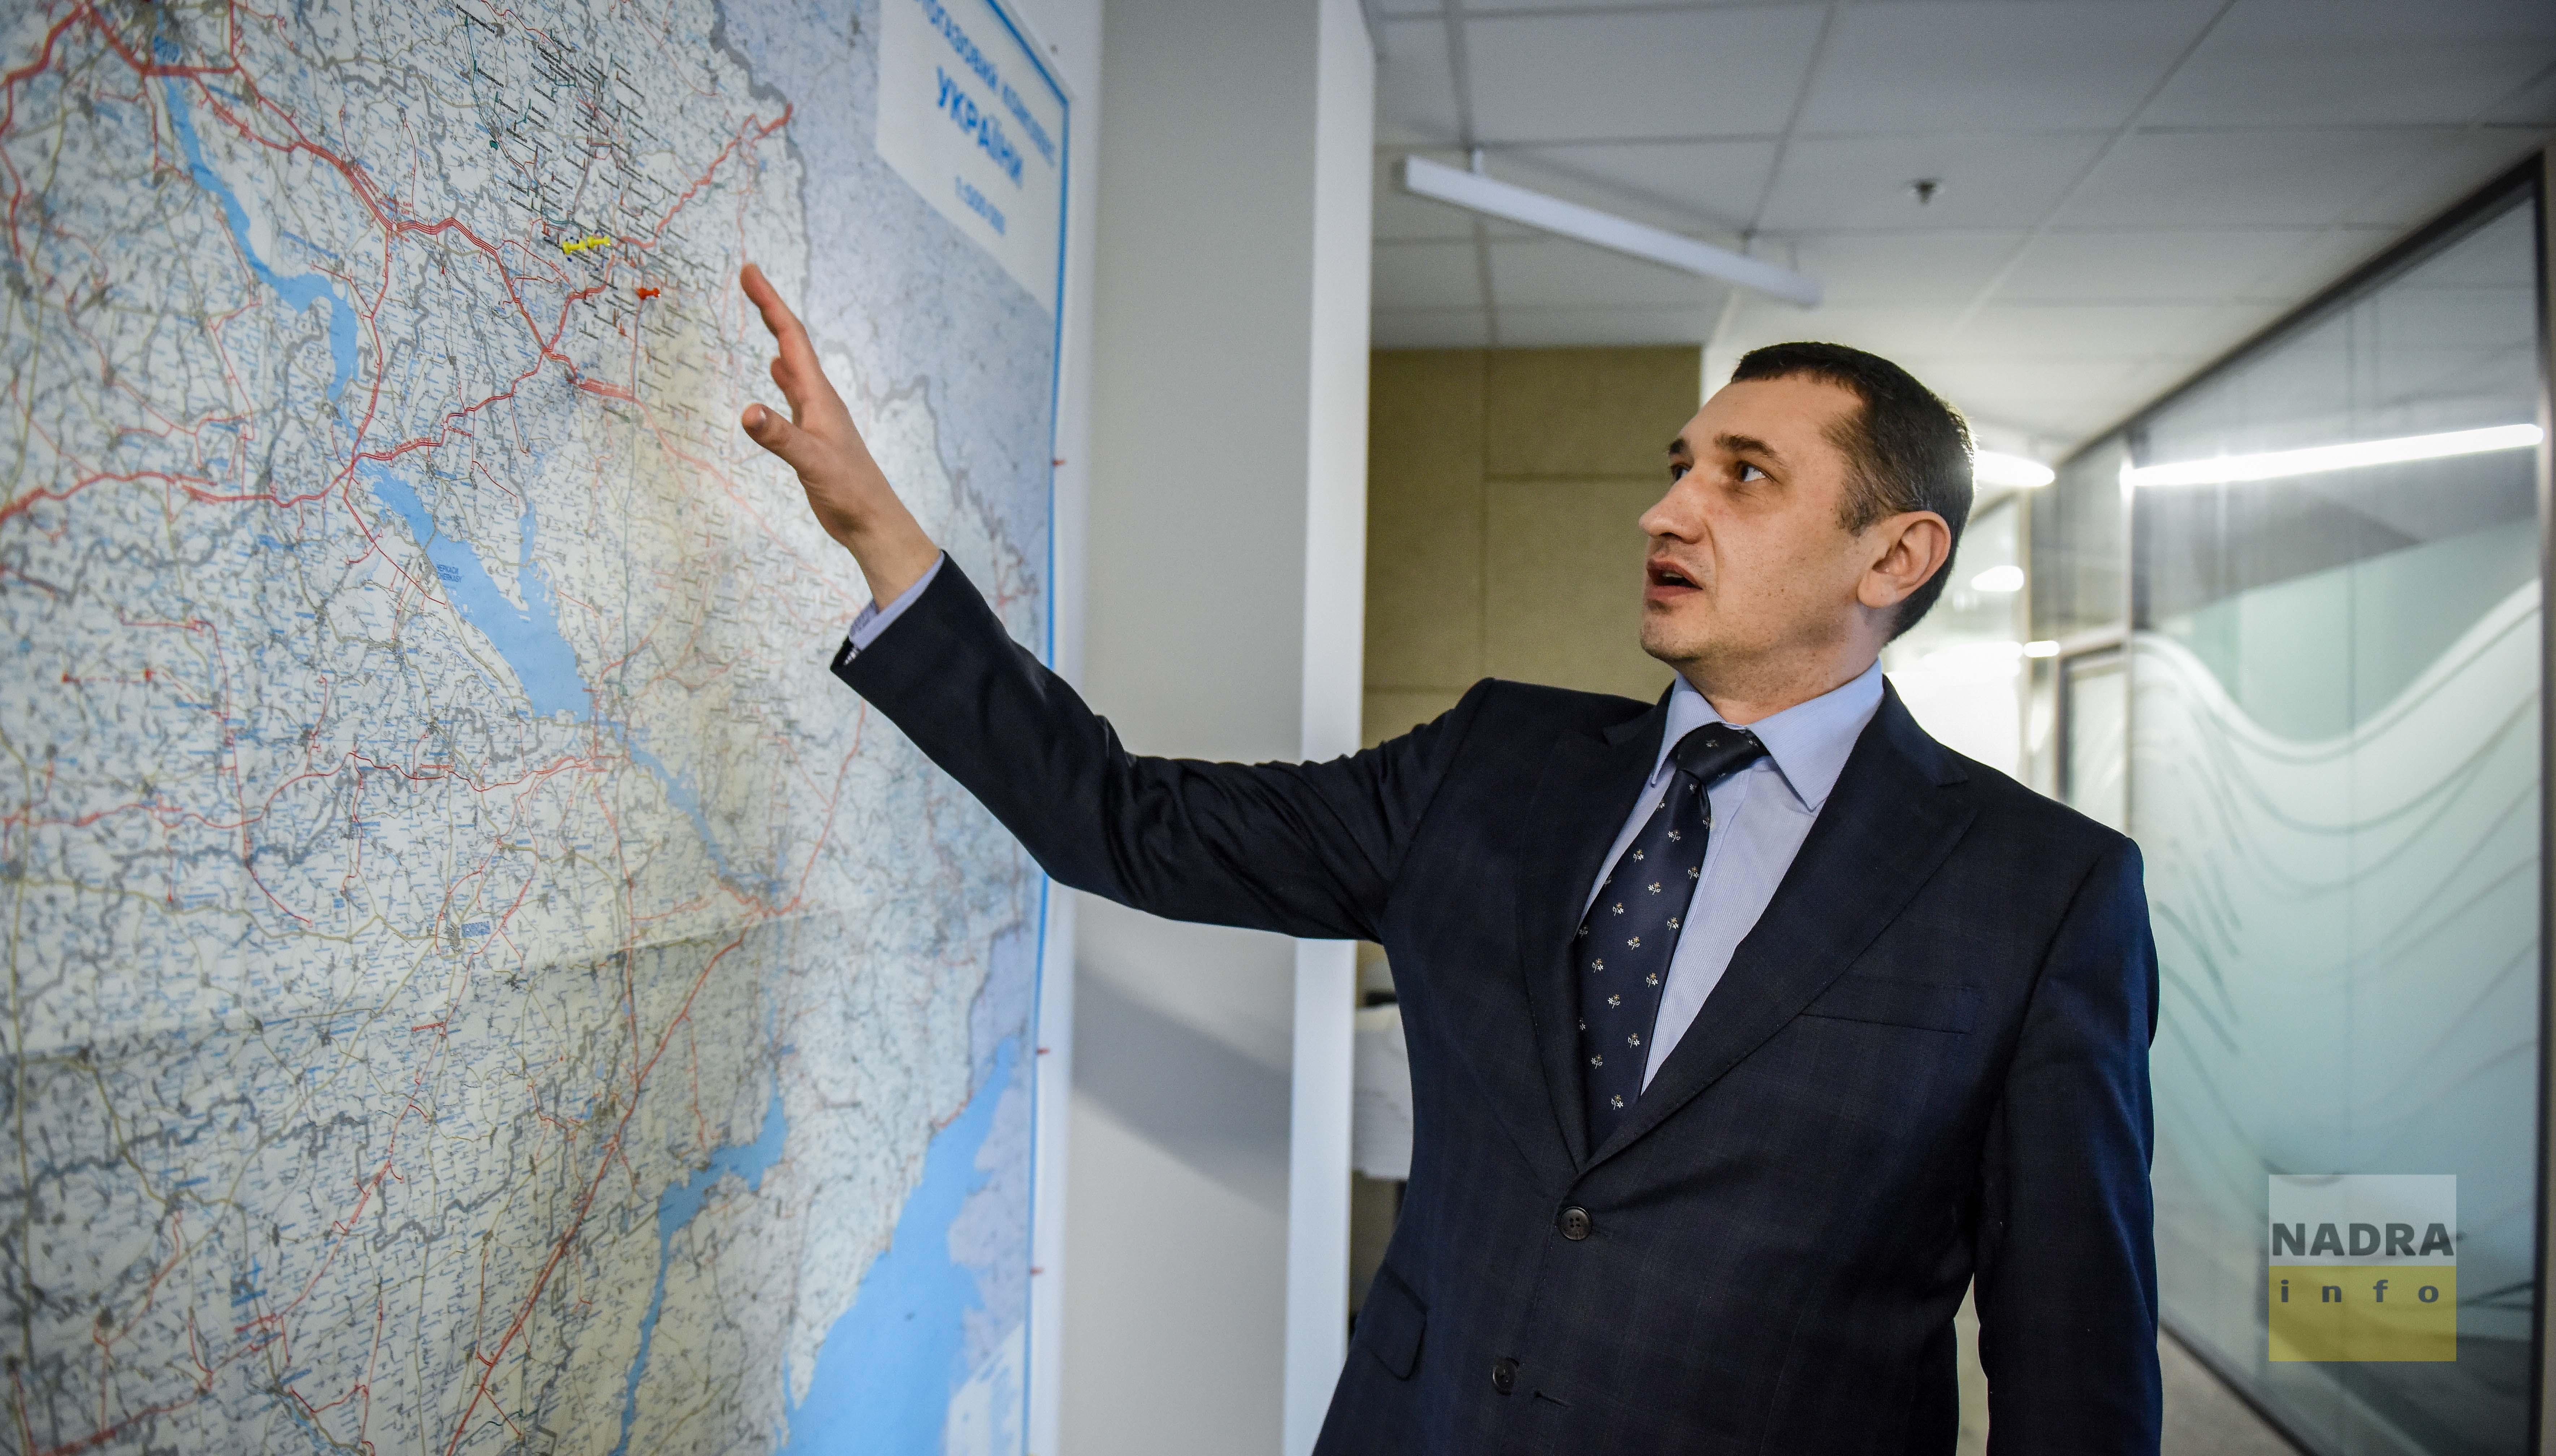 Аркона Газ-Енергія розпочала геофізичні дослідження на Свистунківсько-Червонолуцькому родовищі